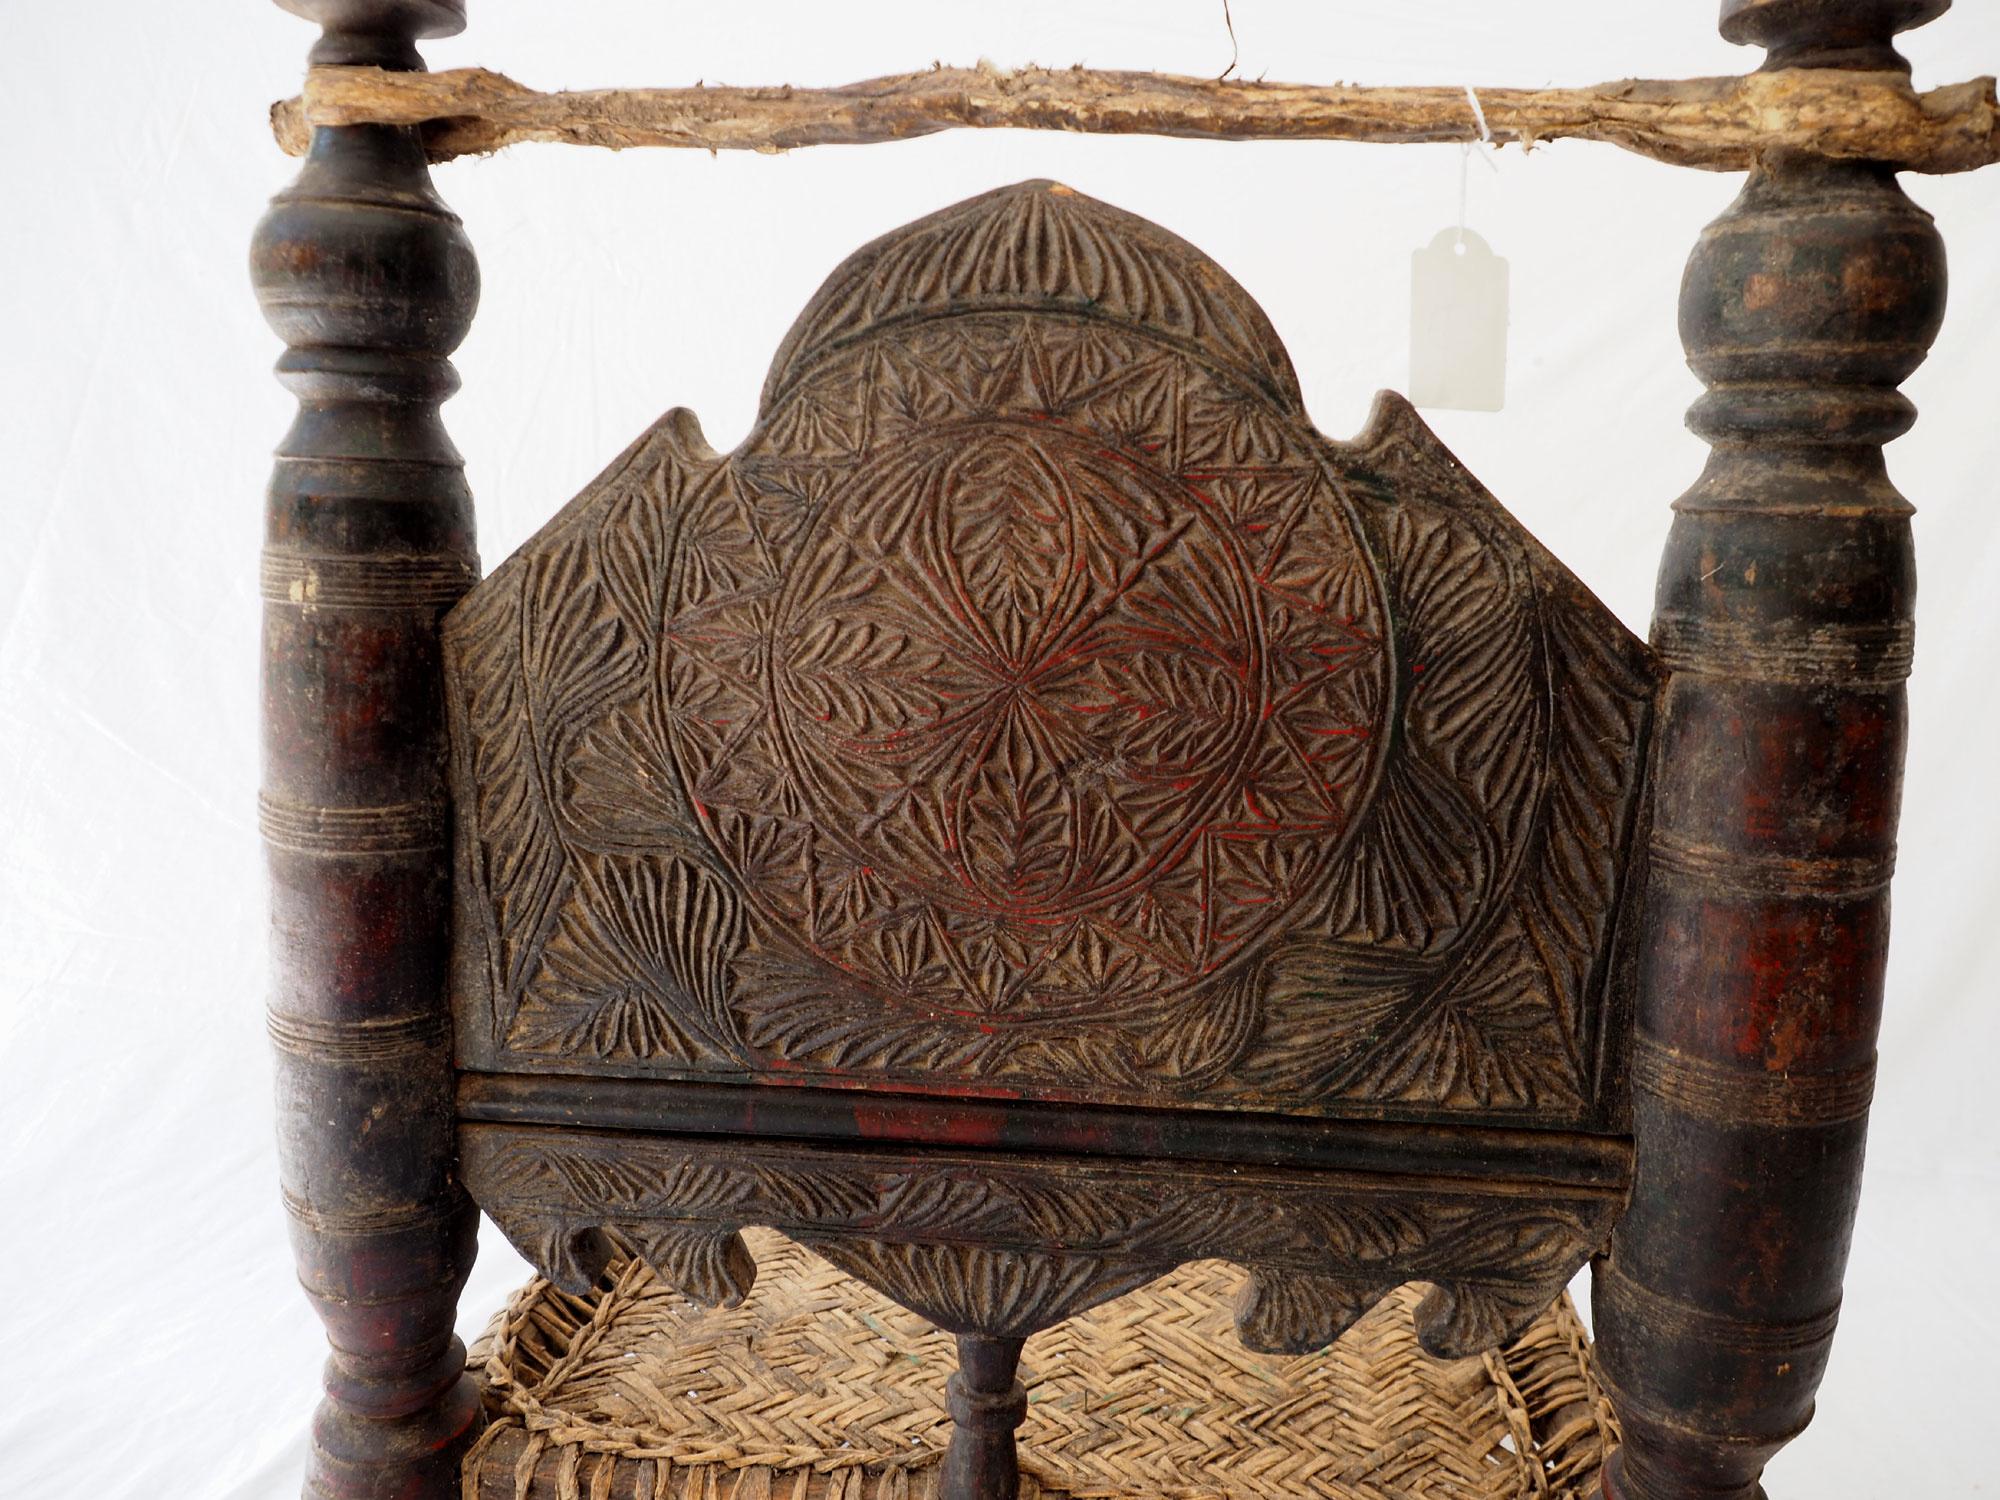 Antique Nuristan Chair Stuhl No: F